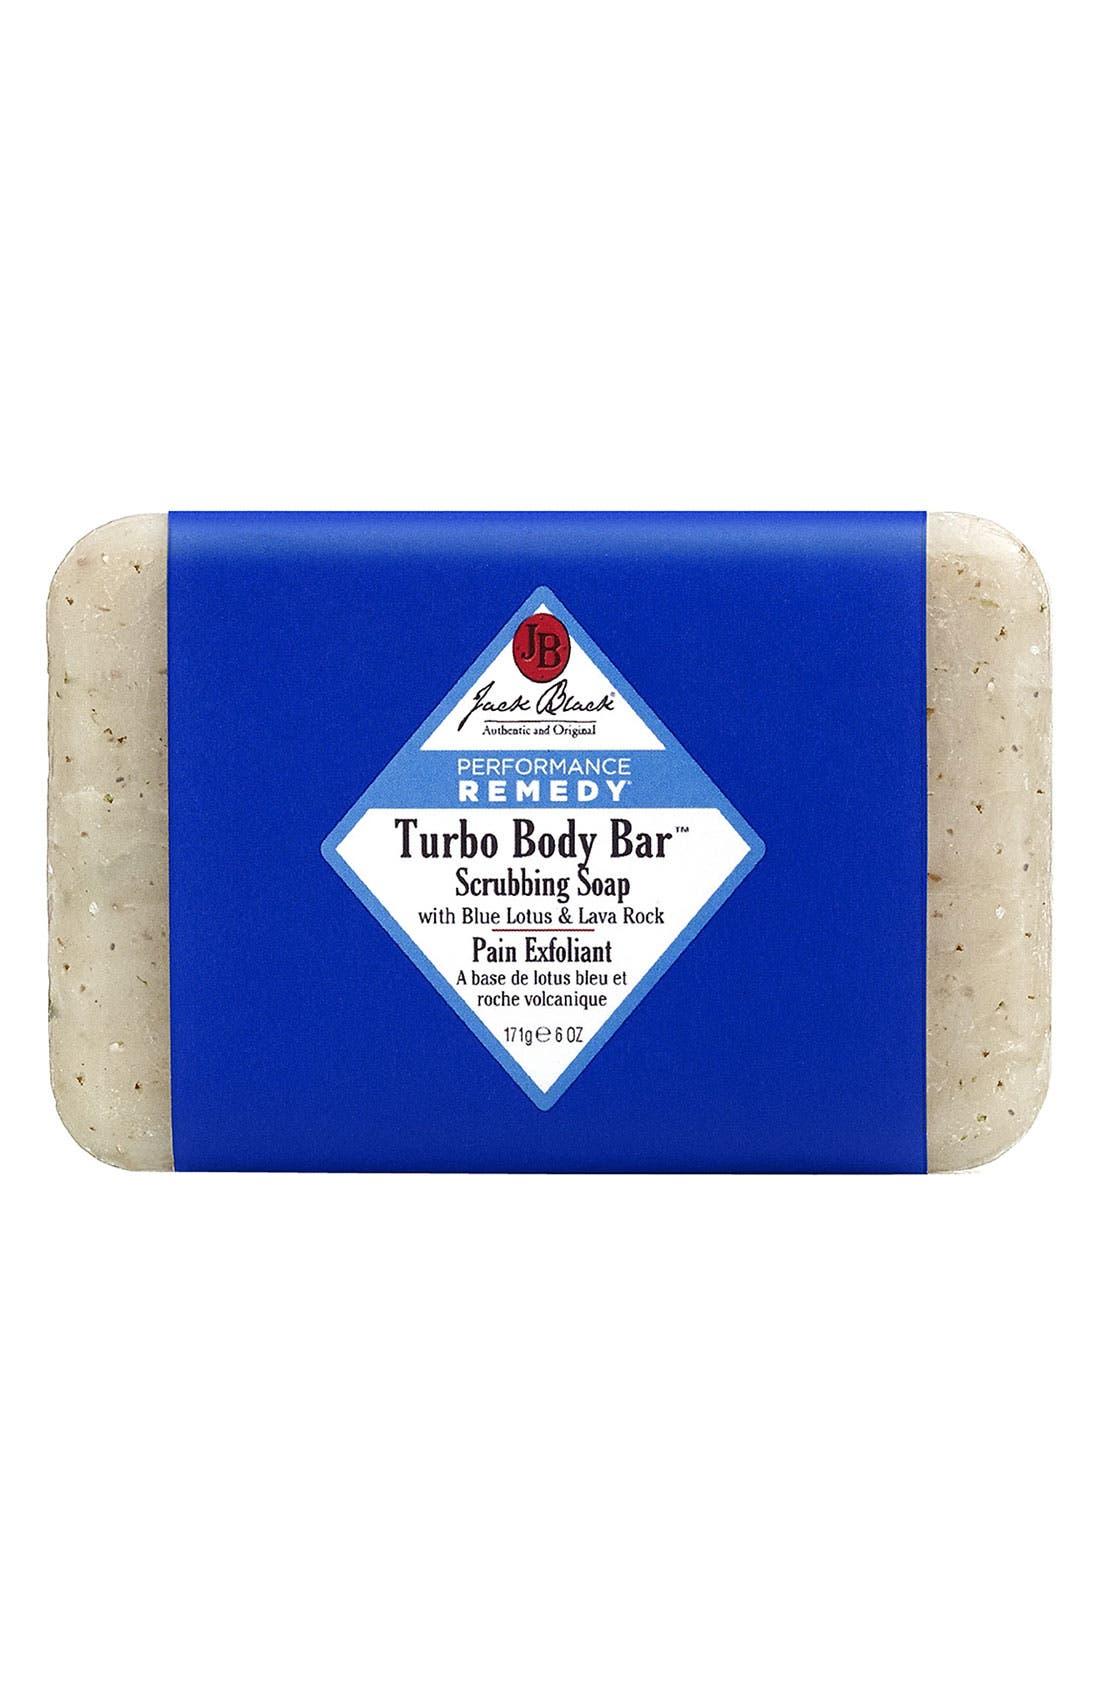 Jack Black 'Turbo Body Bar' Scrubbing Soap